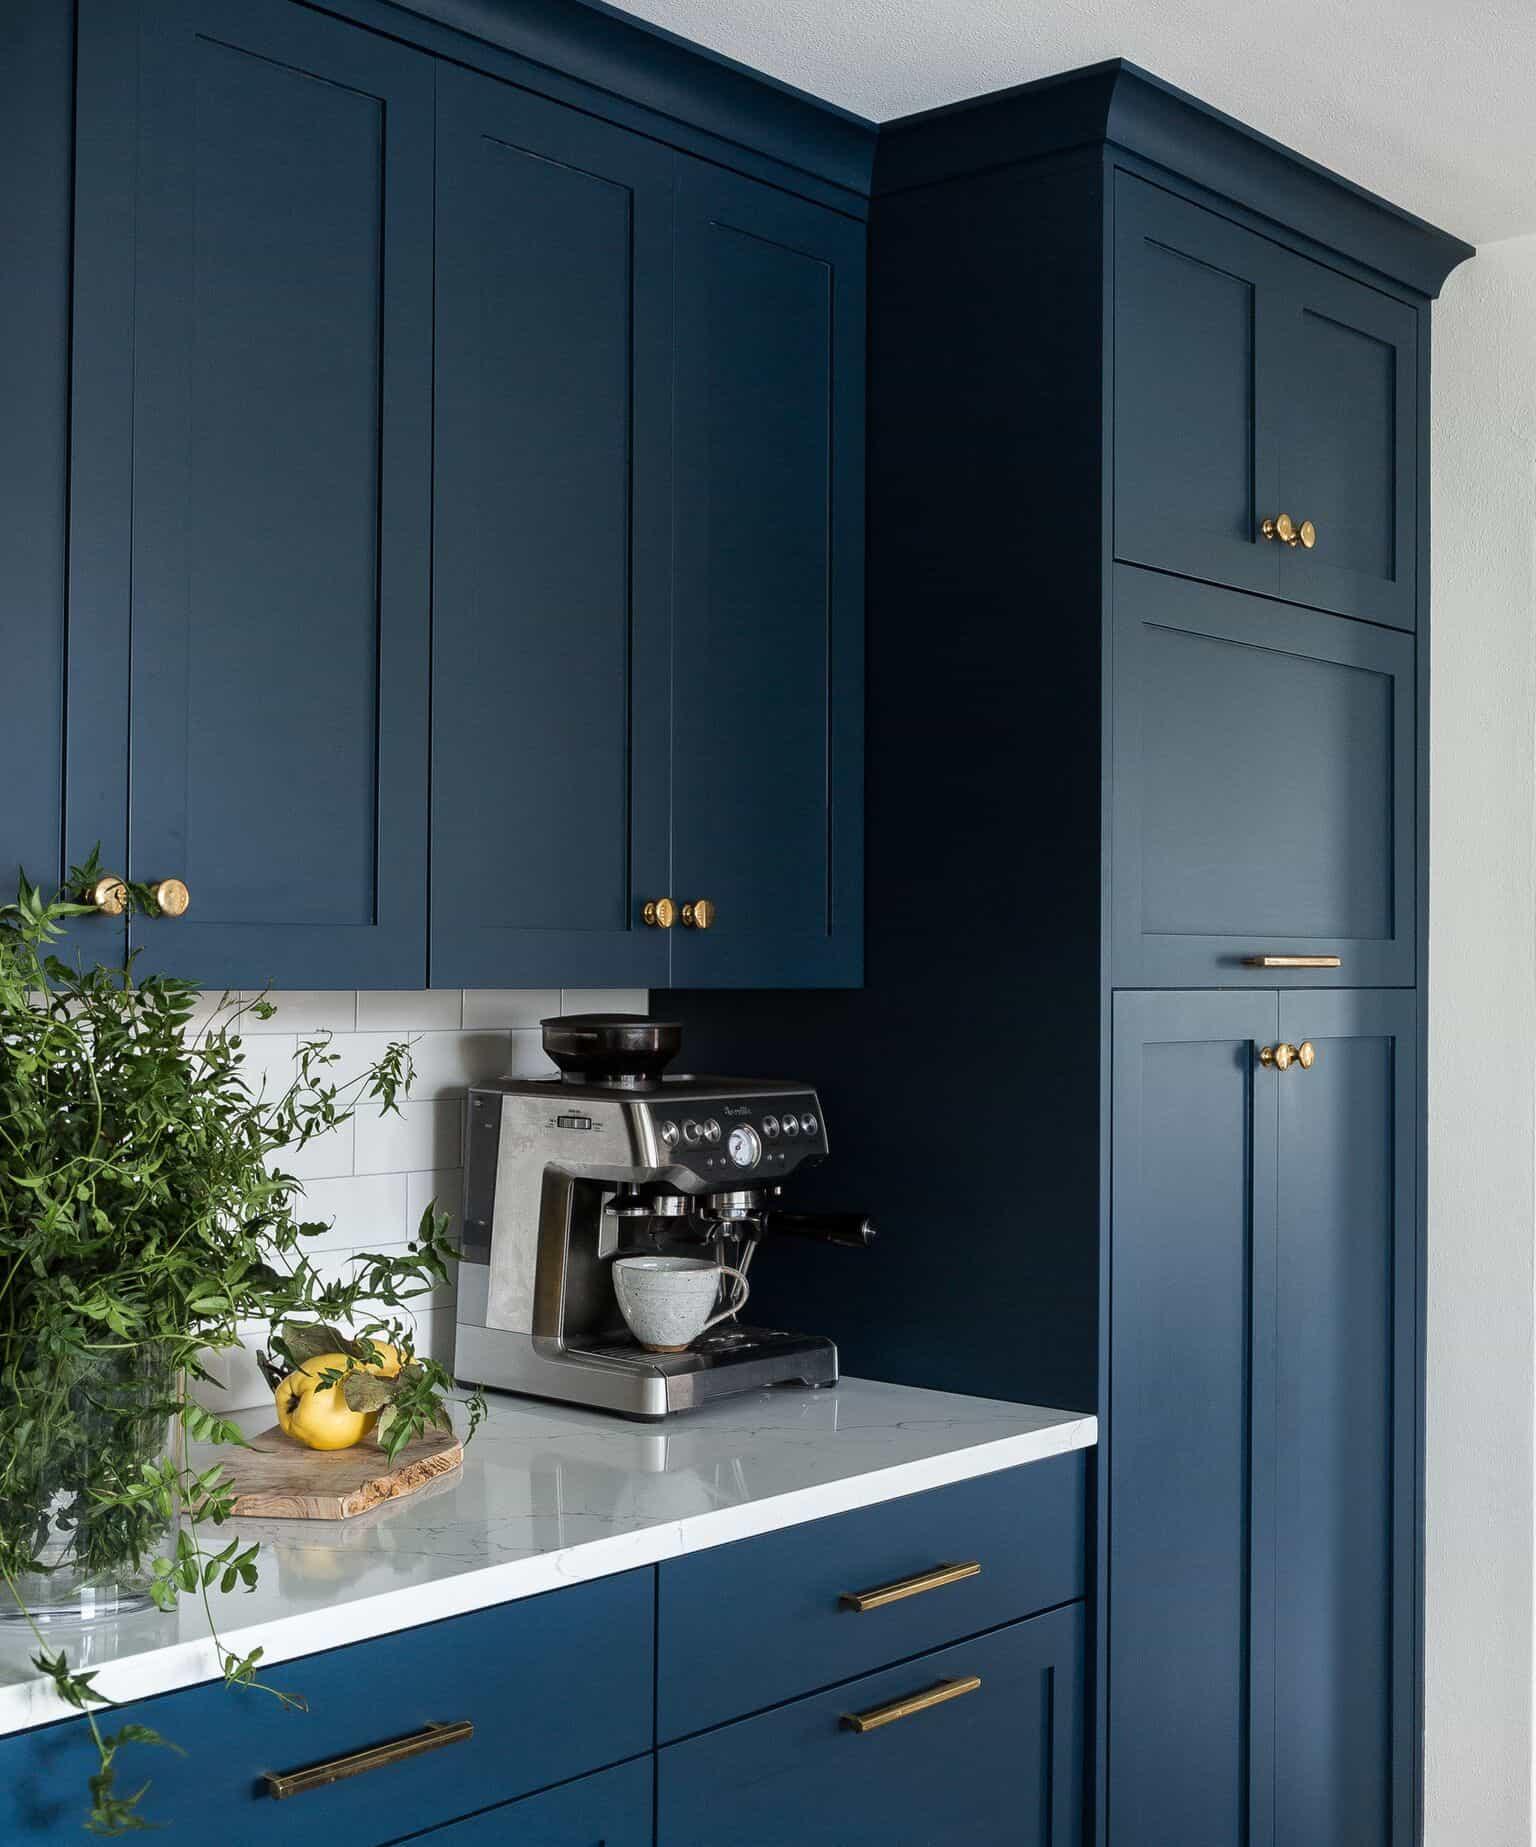 Heidi-Caillier-Design-Seattle-interior-designer-kitchen-blue ...